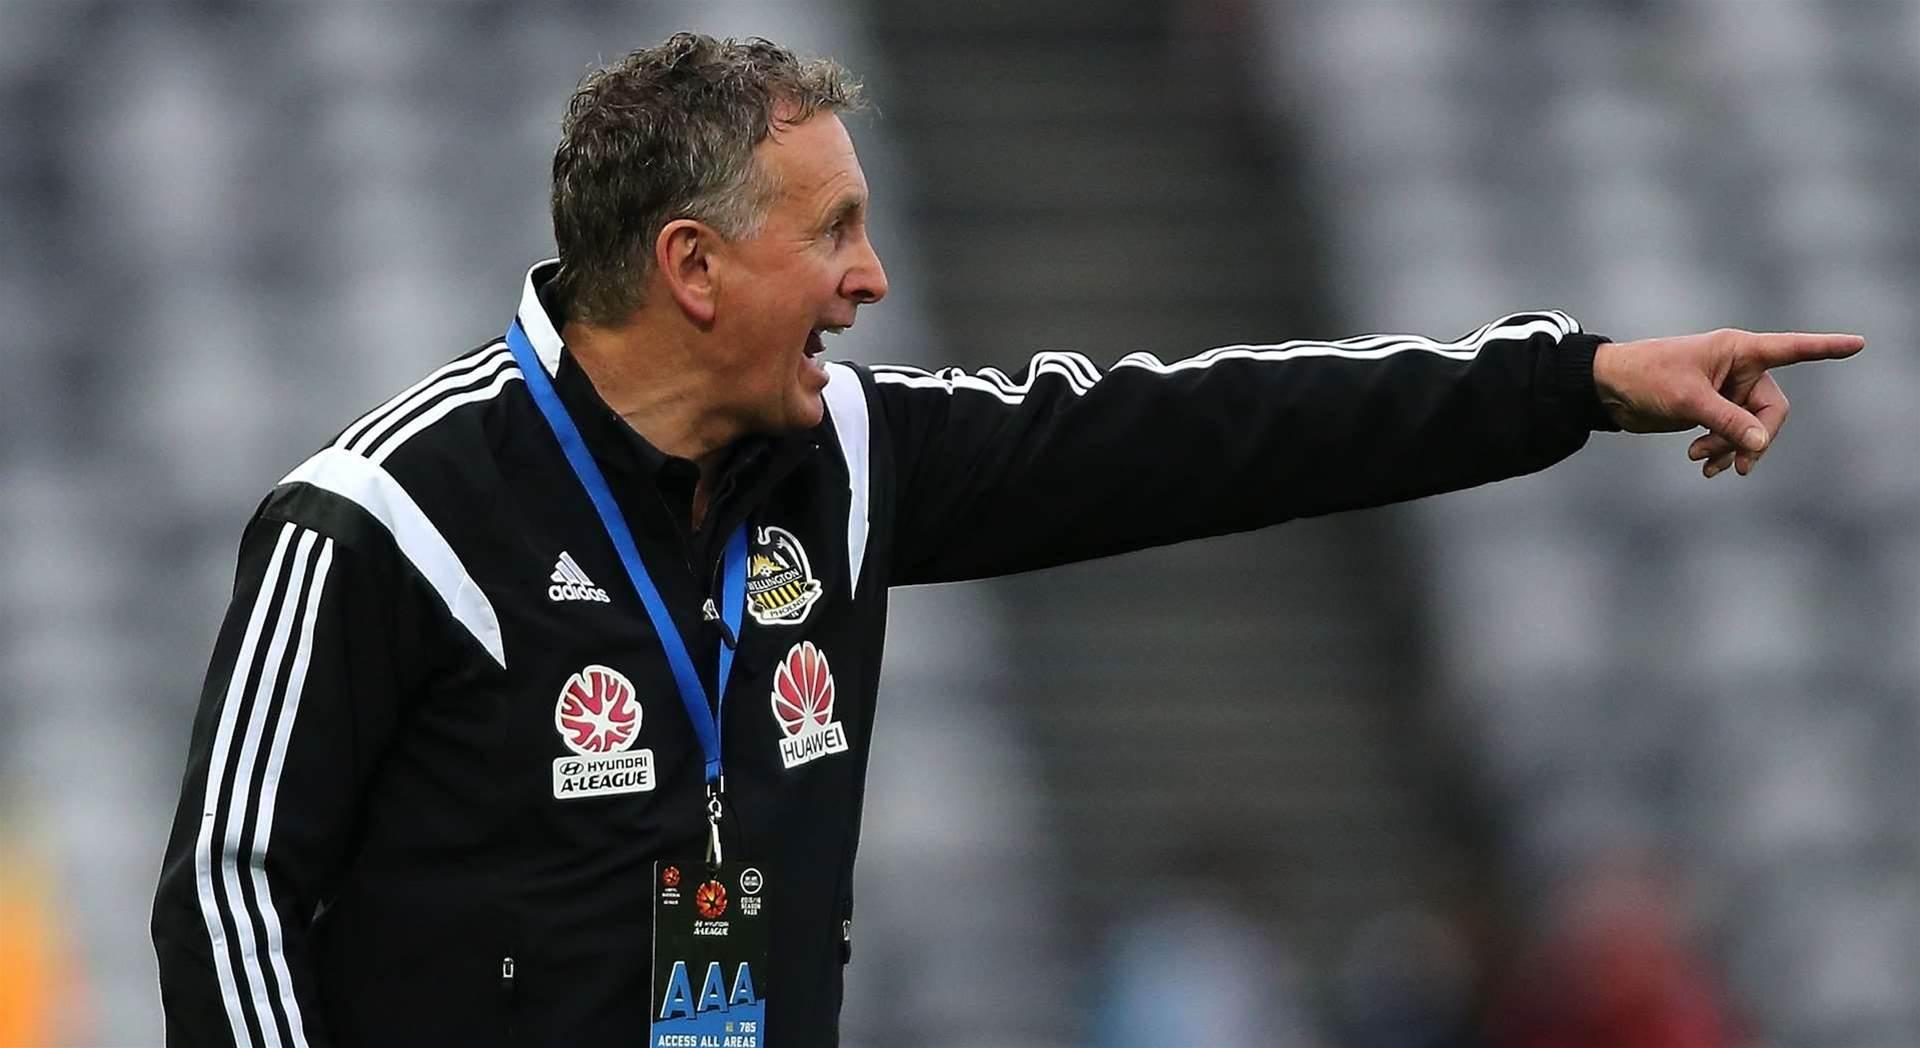 Merrick demands fixture overhaul